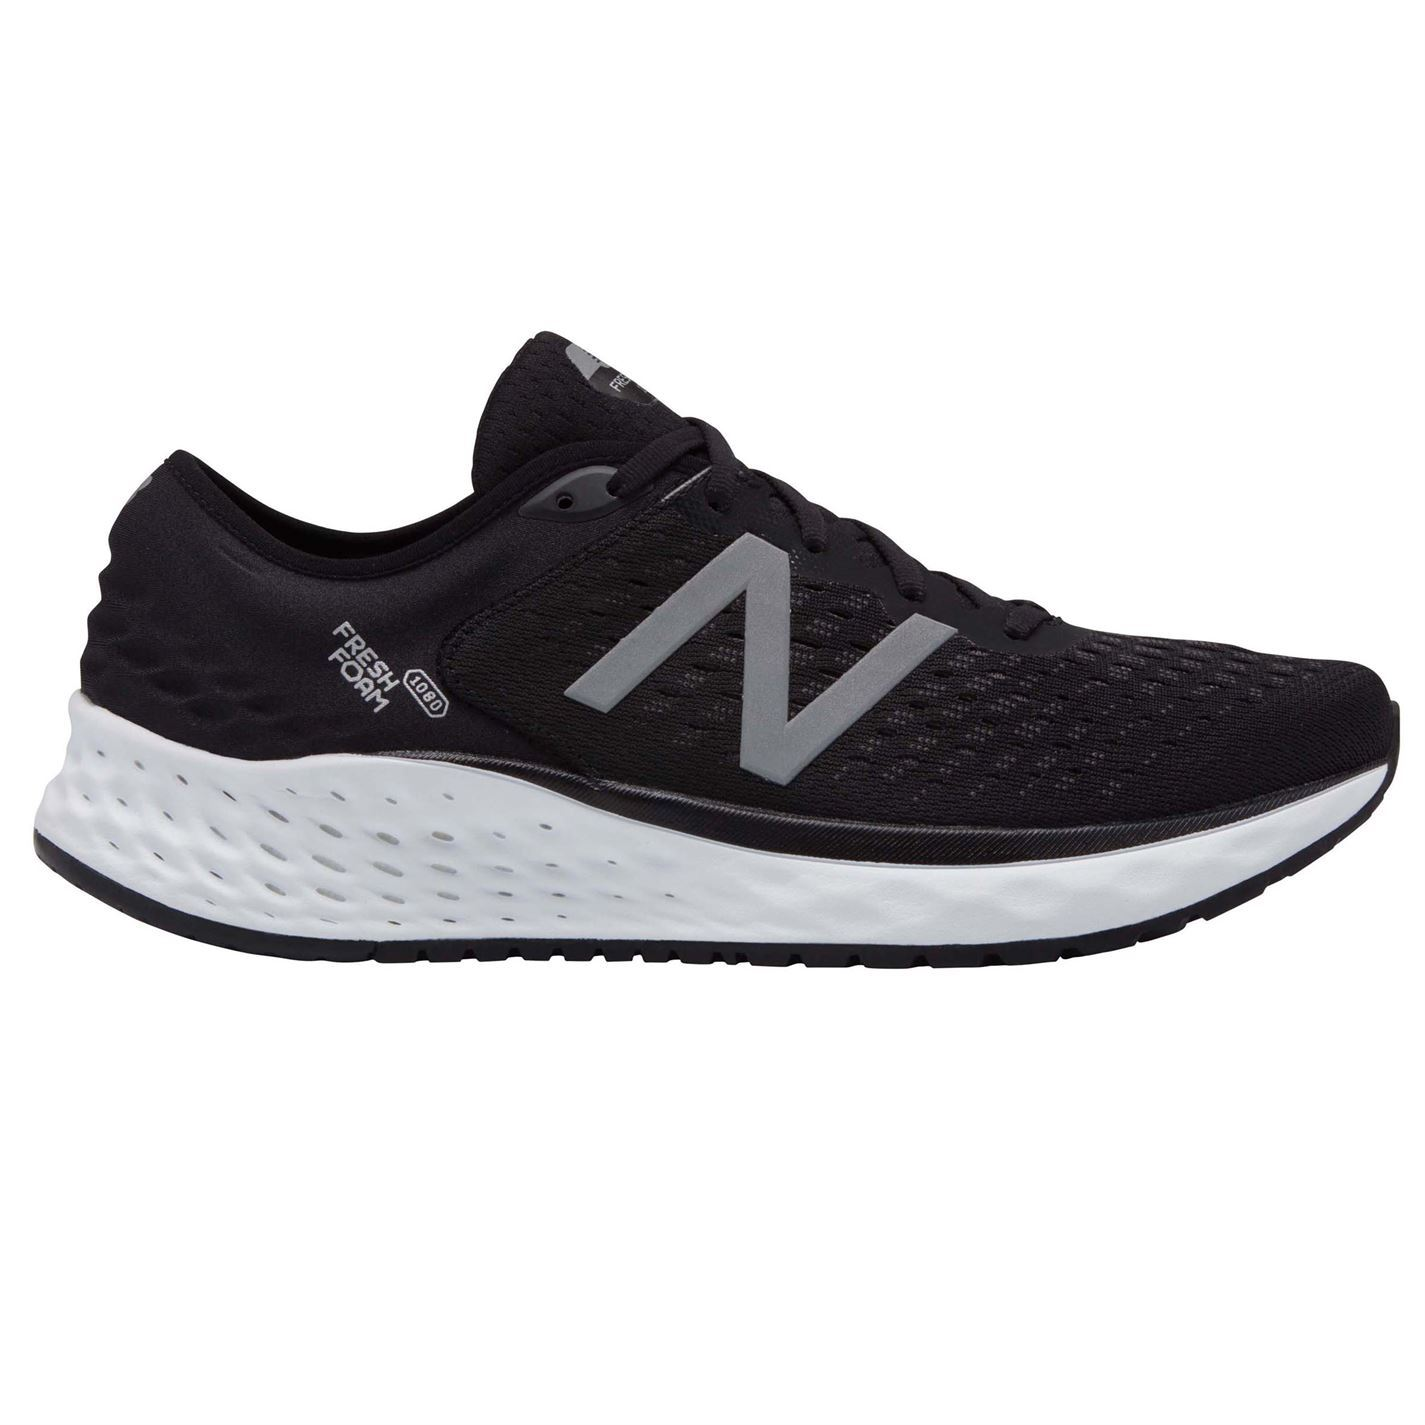 Detalles de New Balance Fresh Espuma 1080 v9 2E Hombre Zapatillas Running NegroBlanco